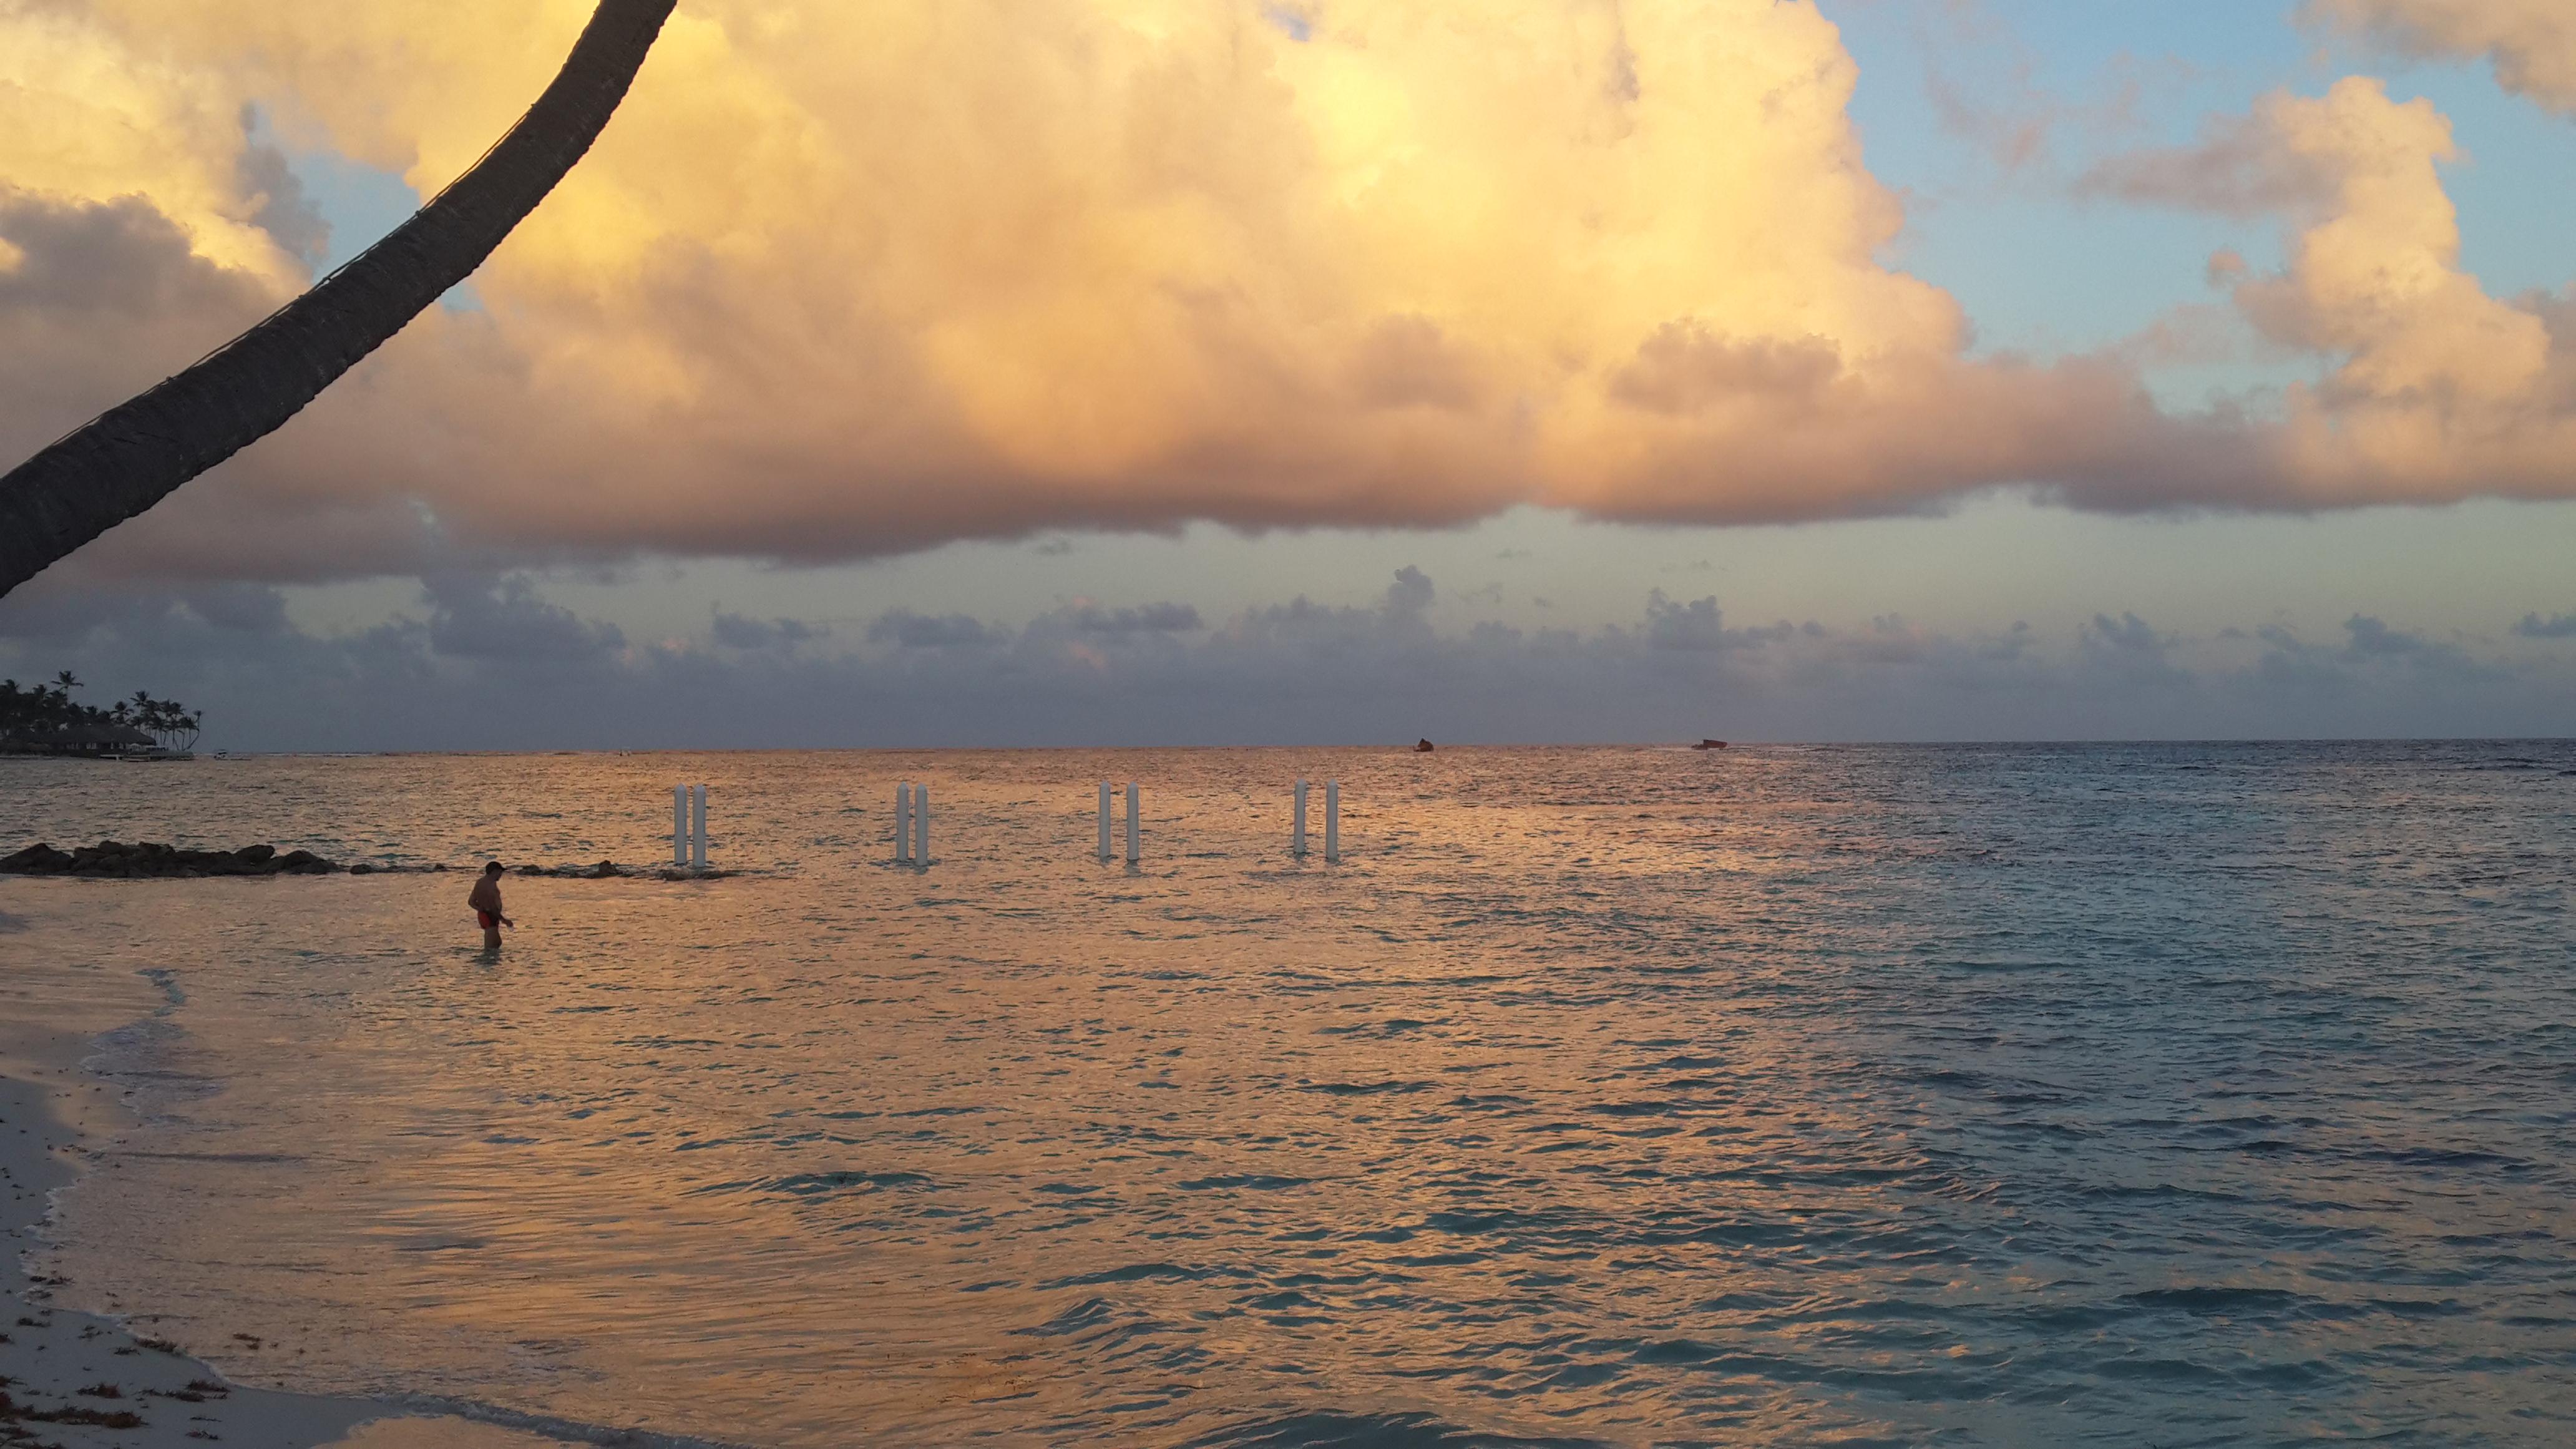 Atardecer en Punta Cana. Nuestro país también disfruta de bellos matices en sus atardeceres de otoño.